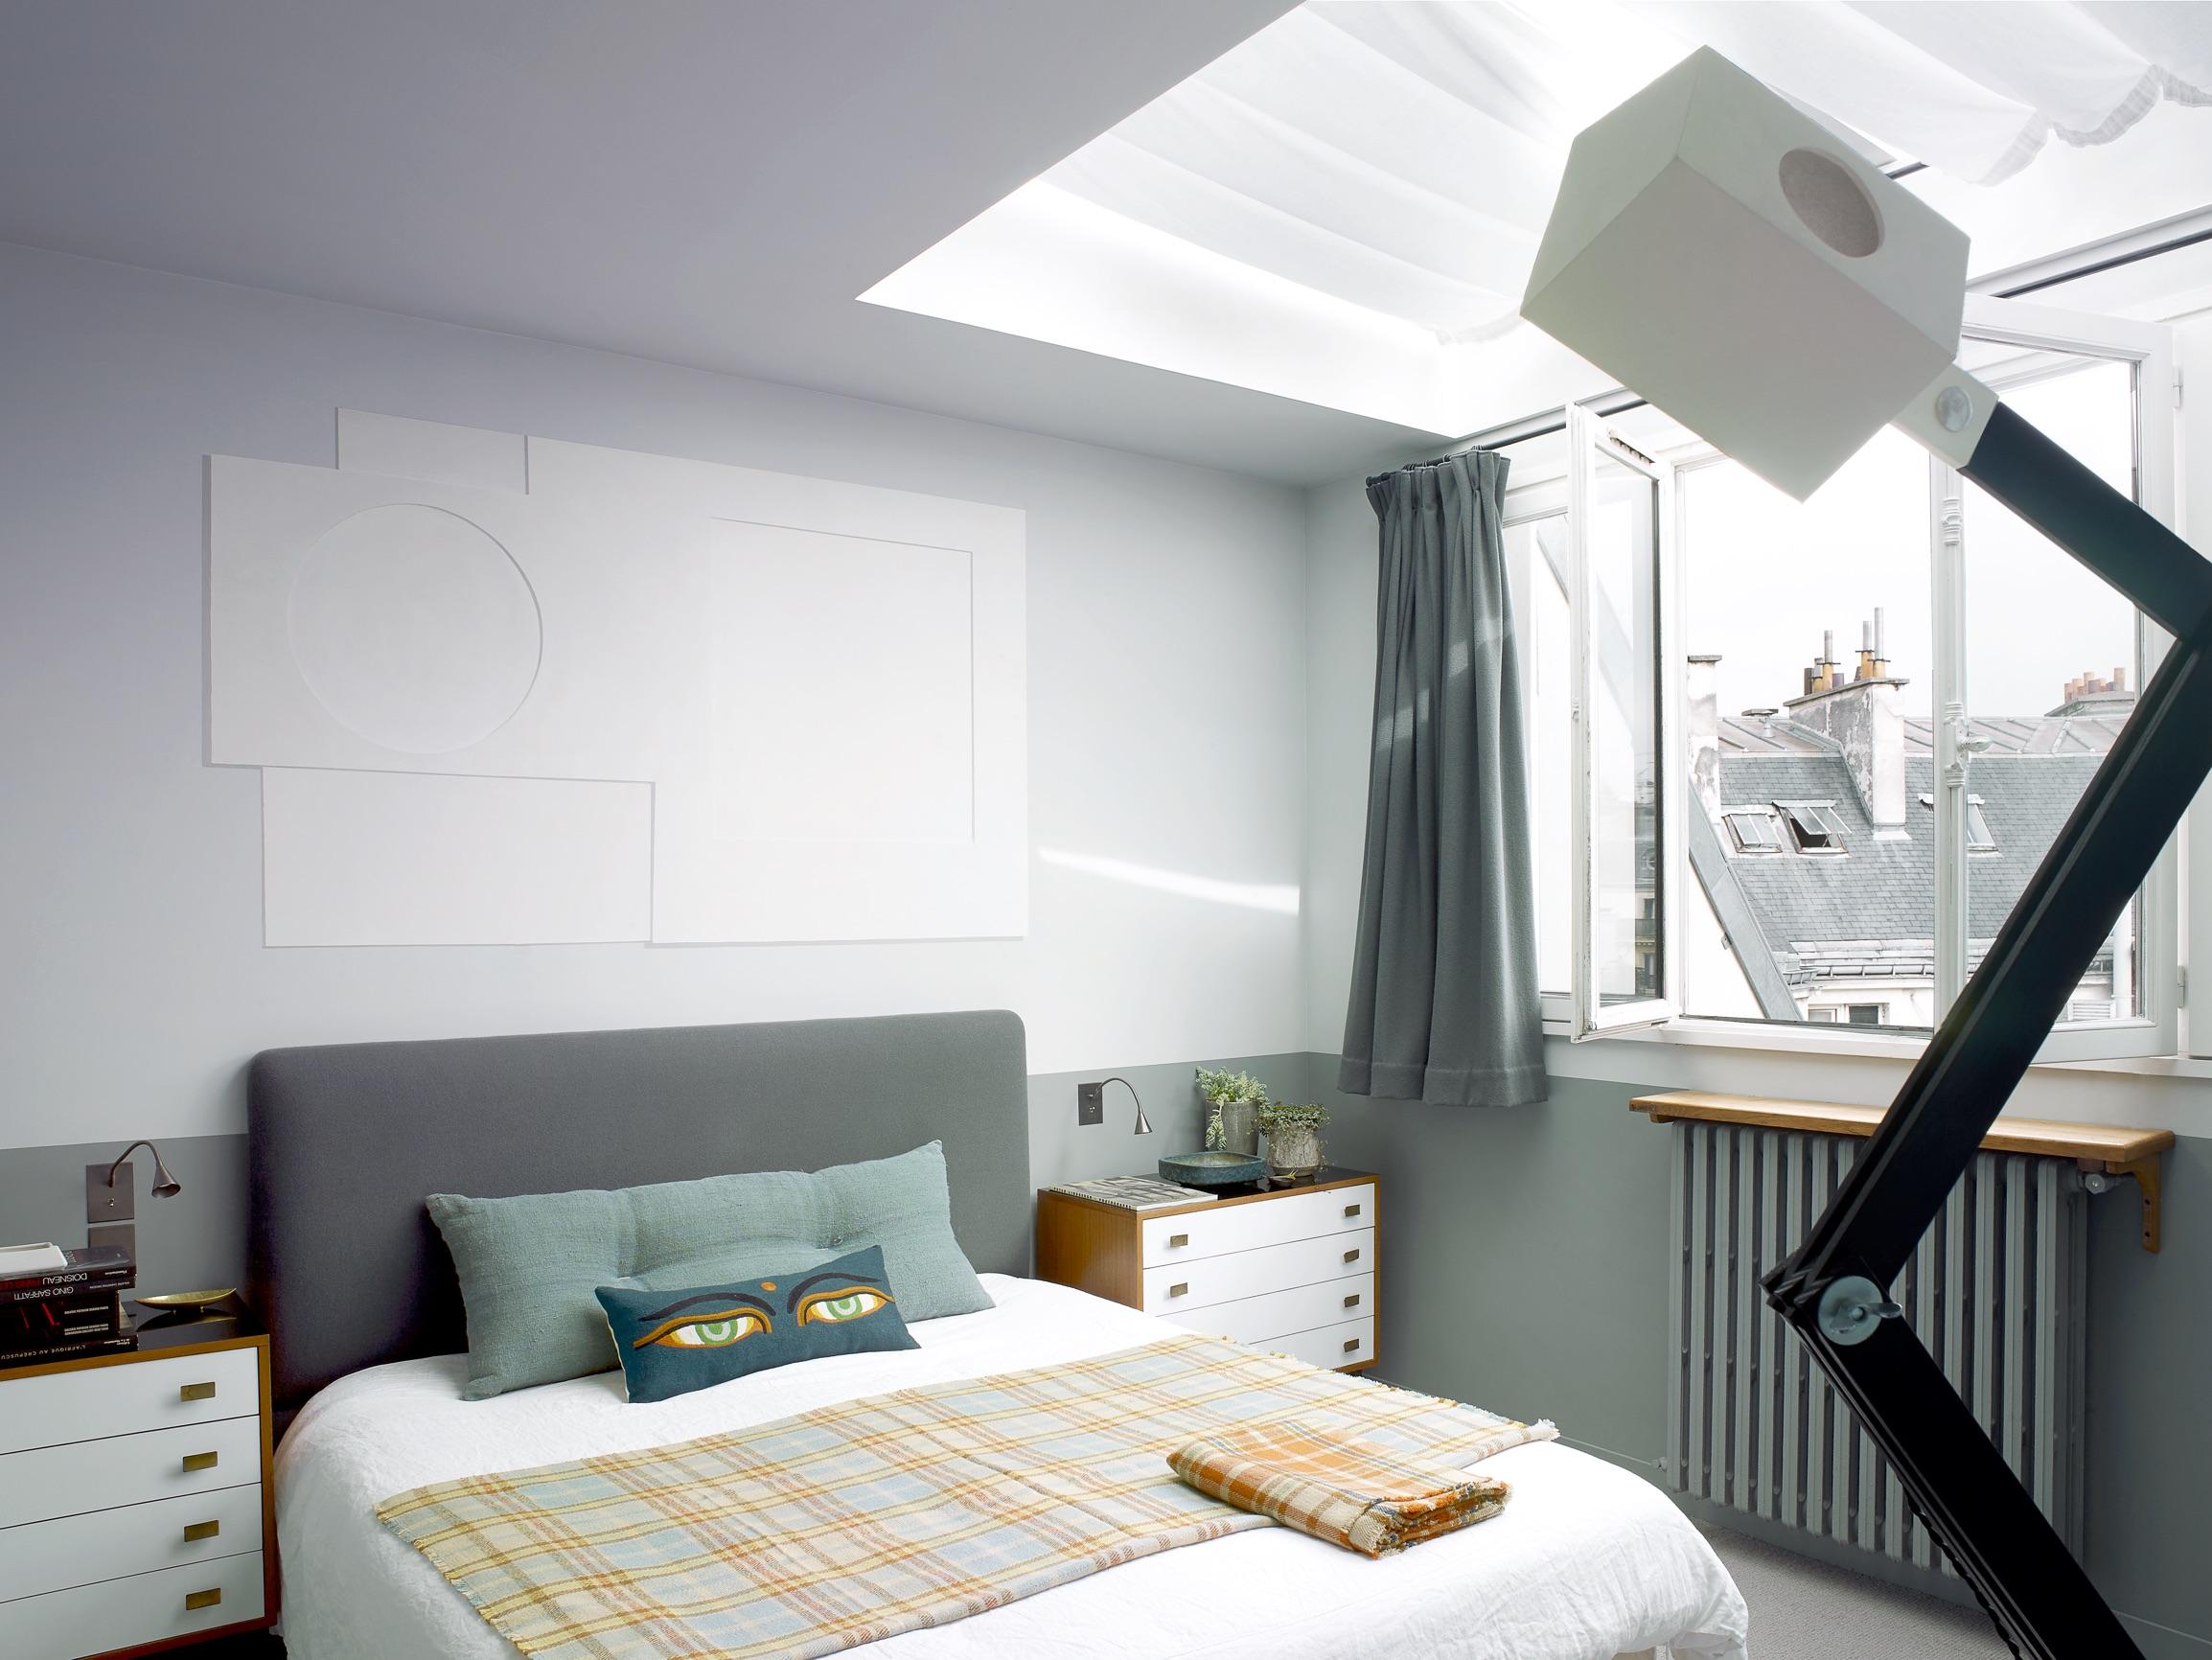 House Tour An Eclectic Mix of Vintage Furniture in a Paris Loft 8